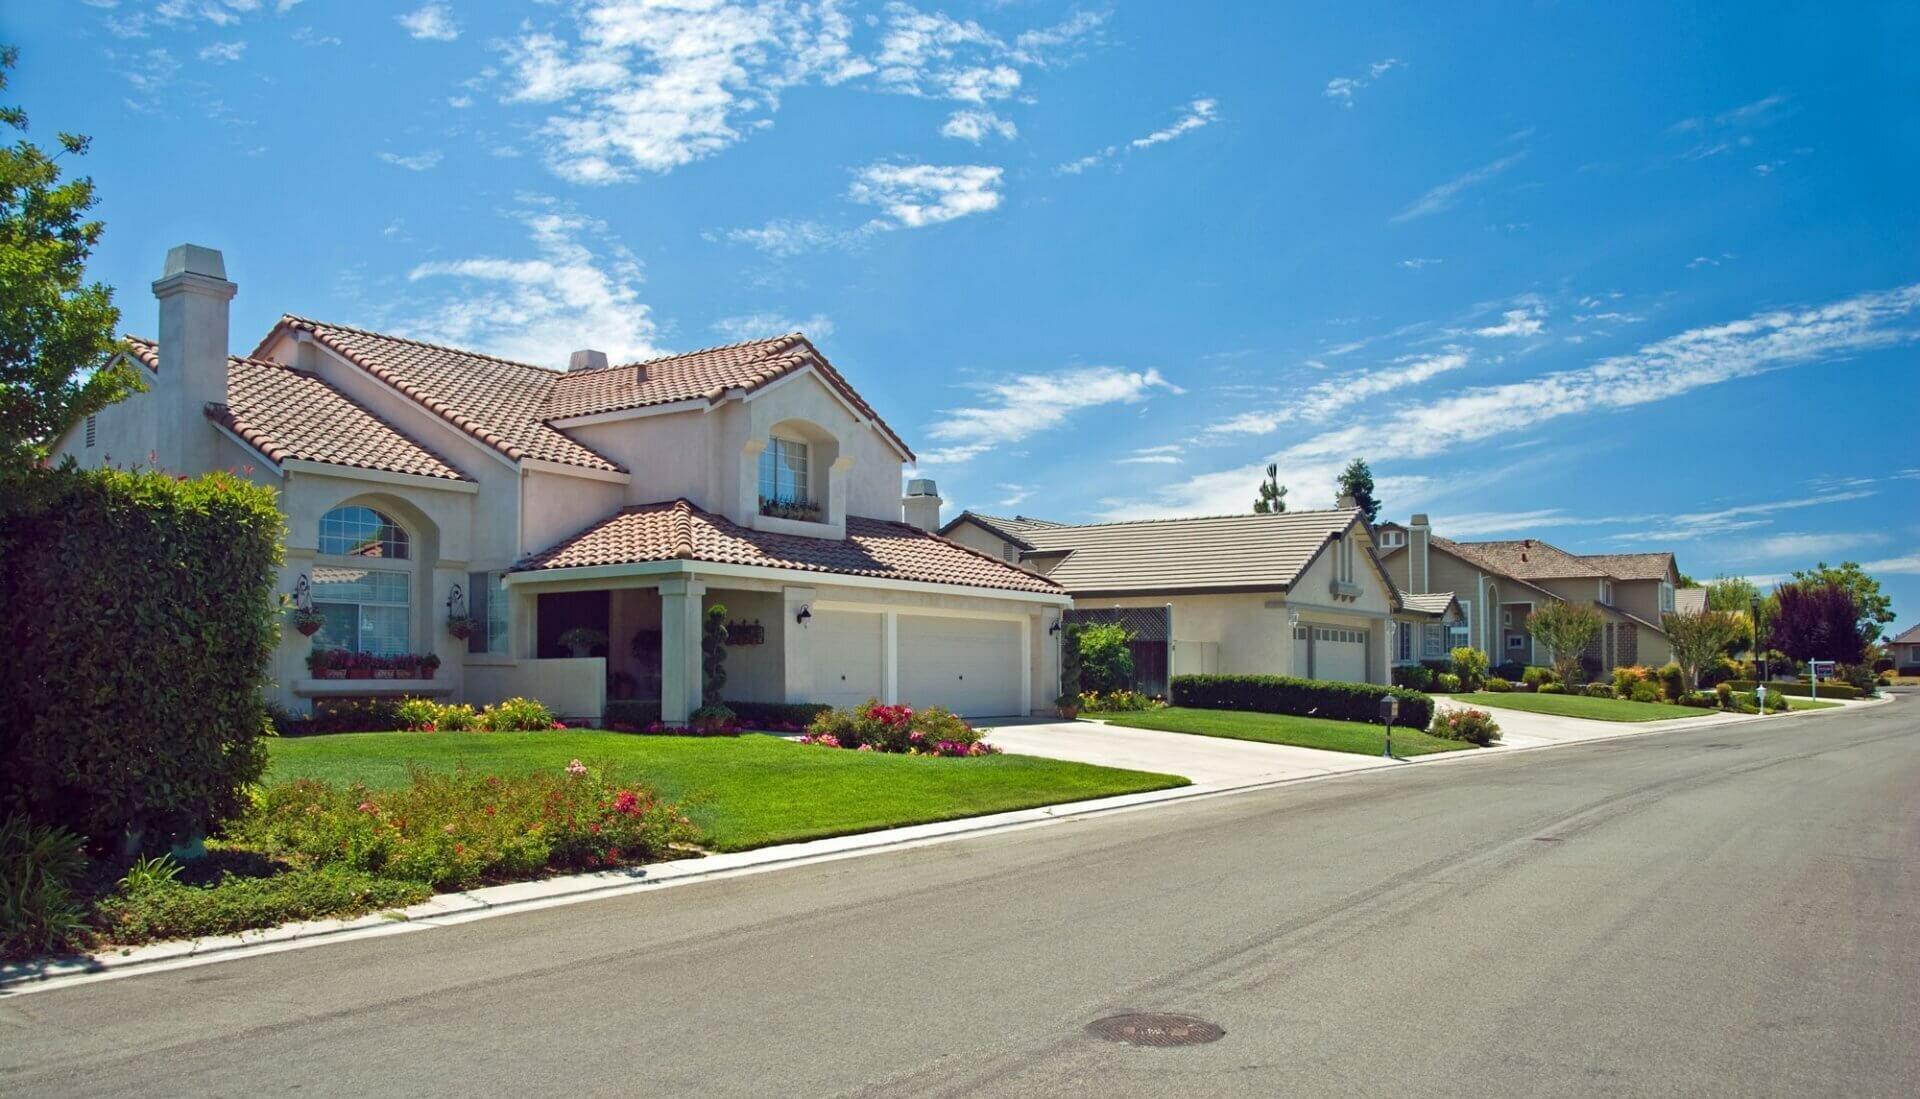 Joe Homebuyer Denver: We Buy Houses in Denver Colorado